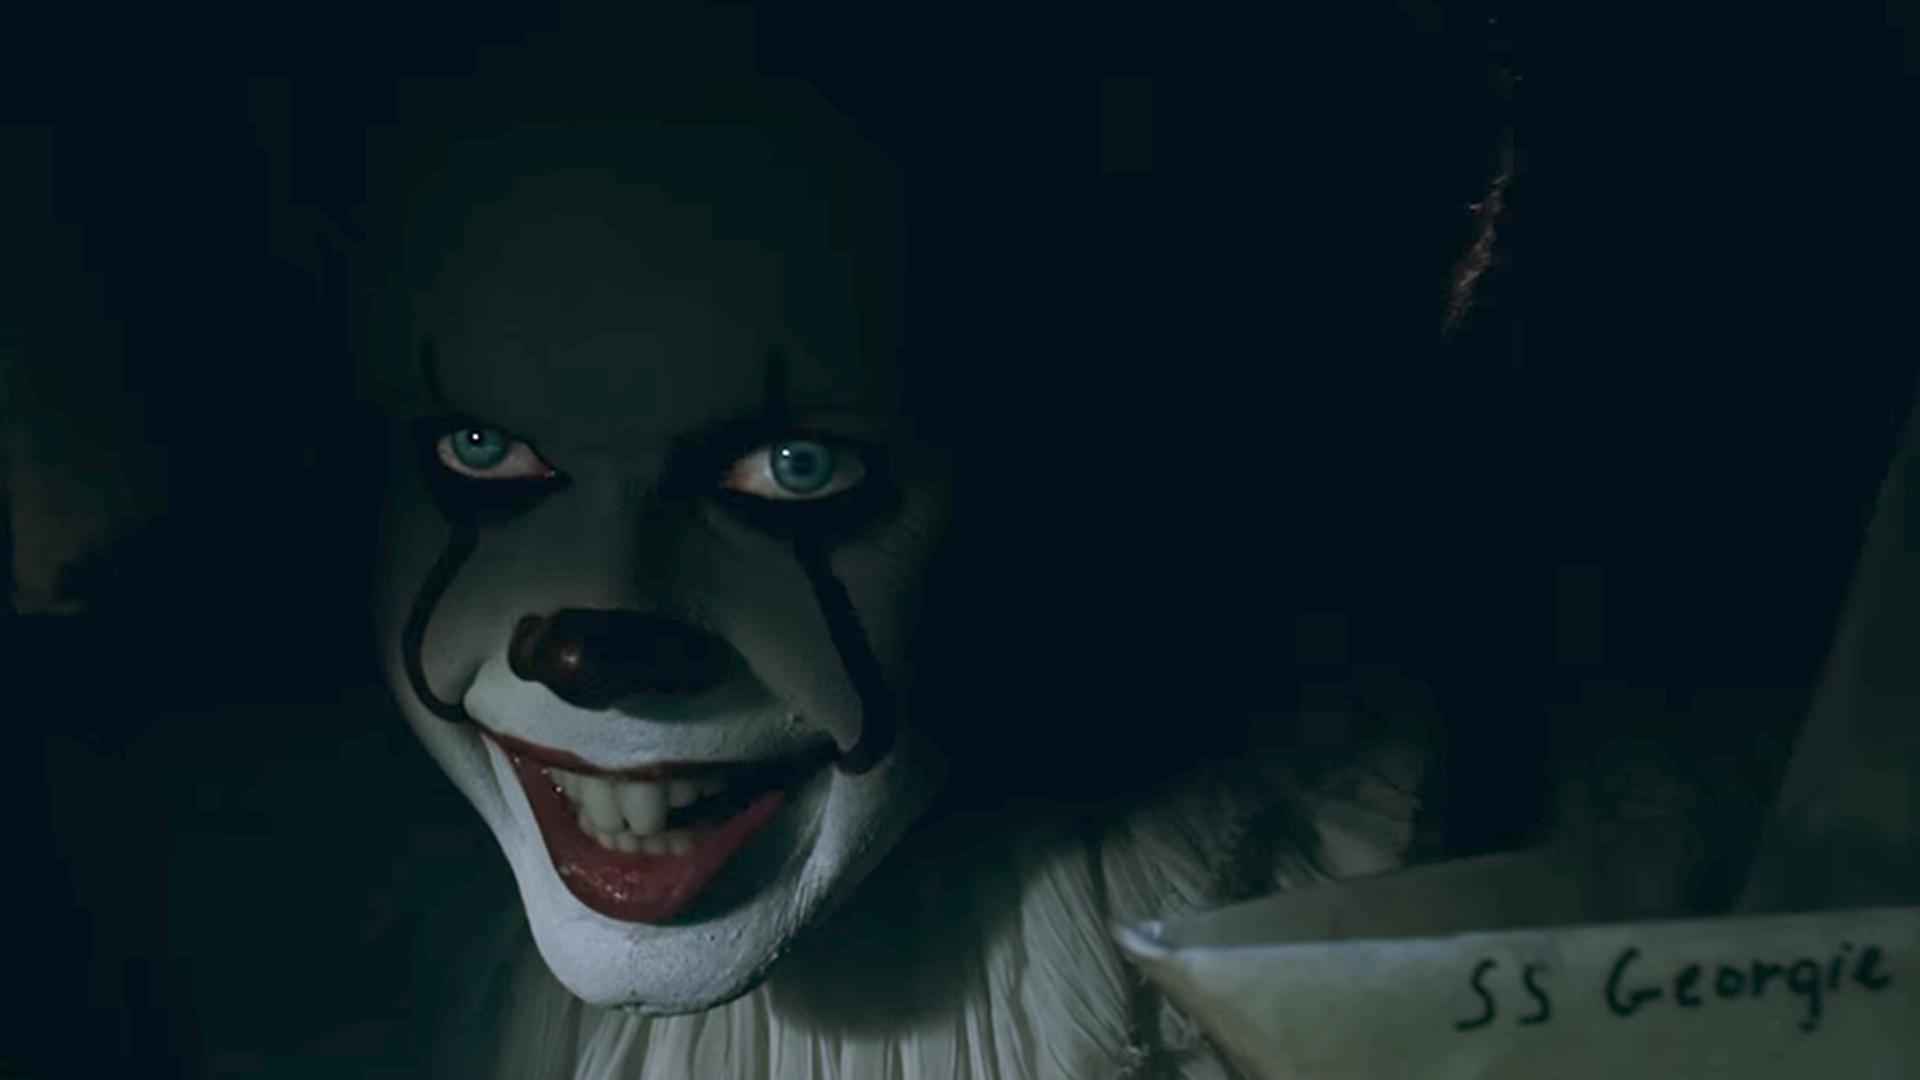 ¿Está vivo Georgie en la segunda parte de la película IT?